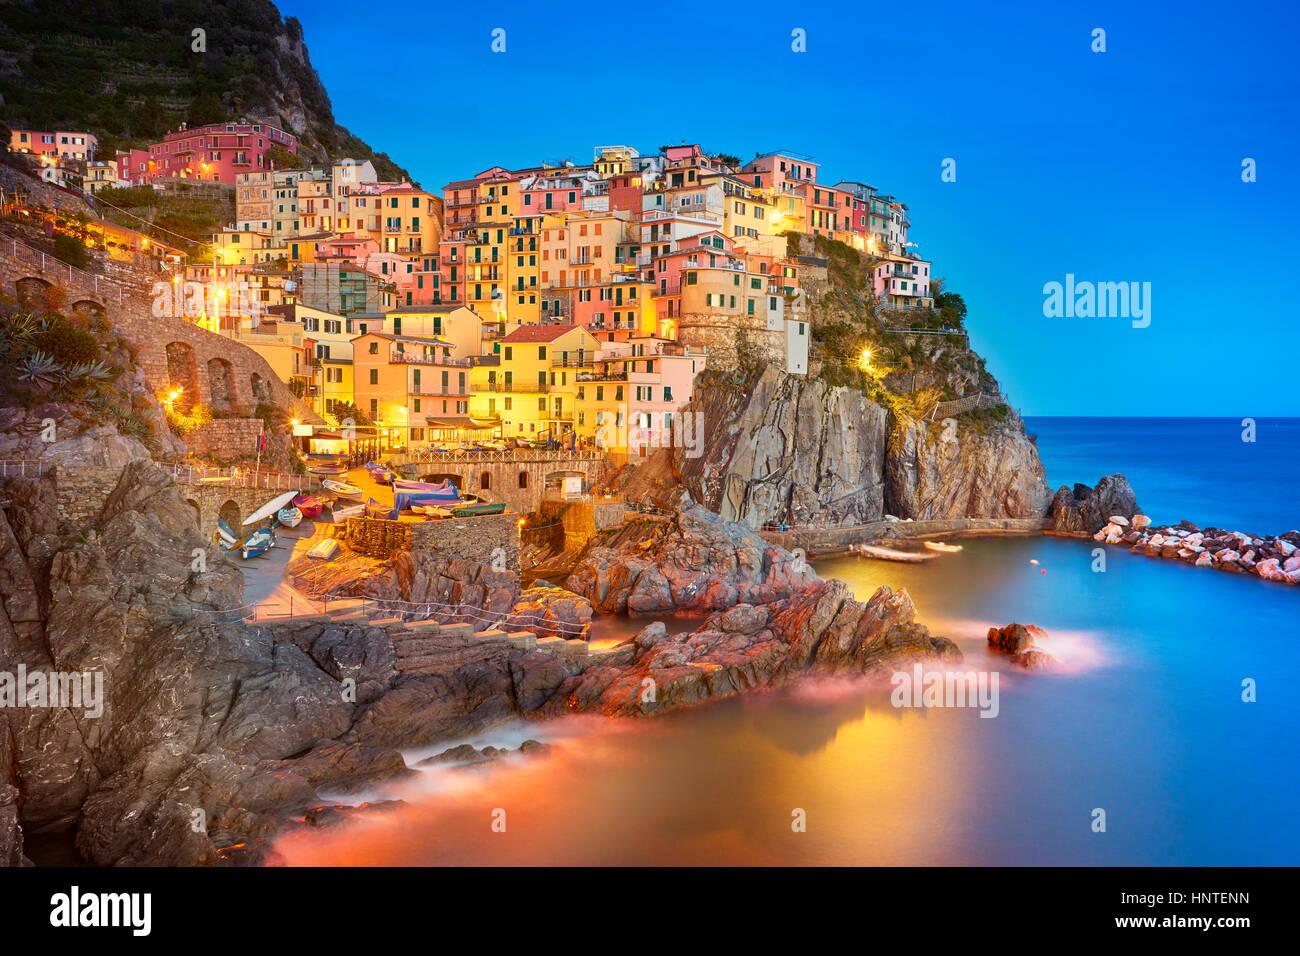 Manarola al tramonto di sera, le Cinque Terre Liguria, Italia Immagini Stock